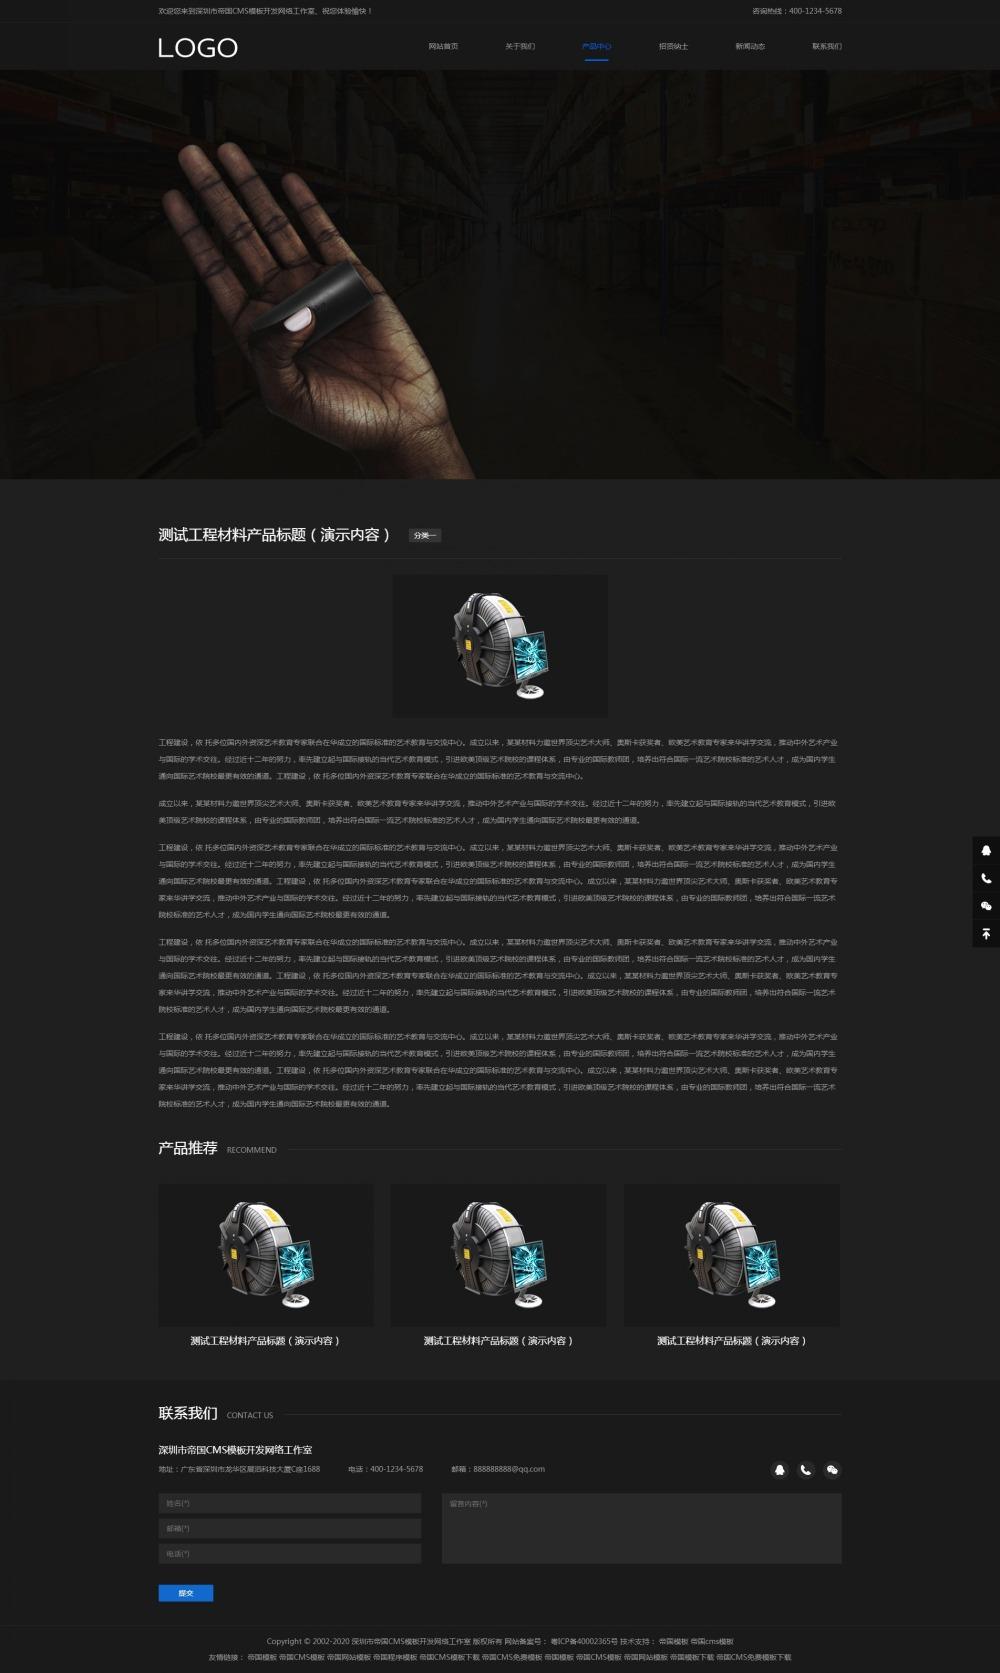 7产品内容页.jpg [DG-0179]黑色响应式环保新材料网站类帝国cms模板 HTML5高新技术新型材料帝国cms网站源码下载 企业模板 第7张